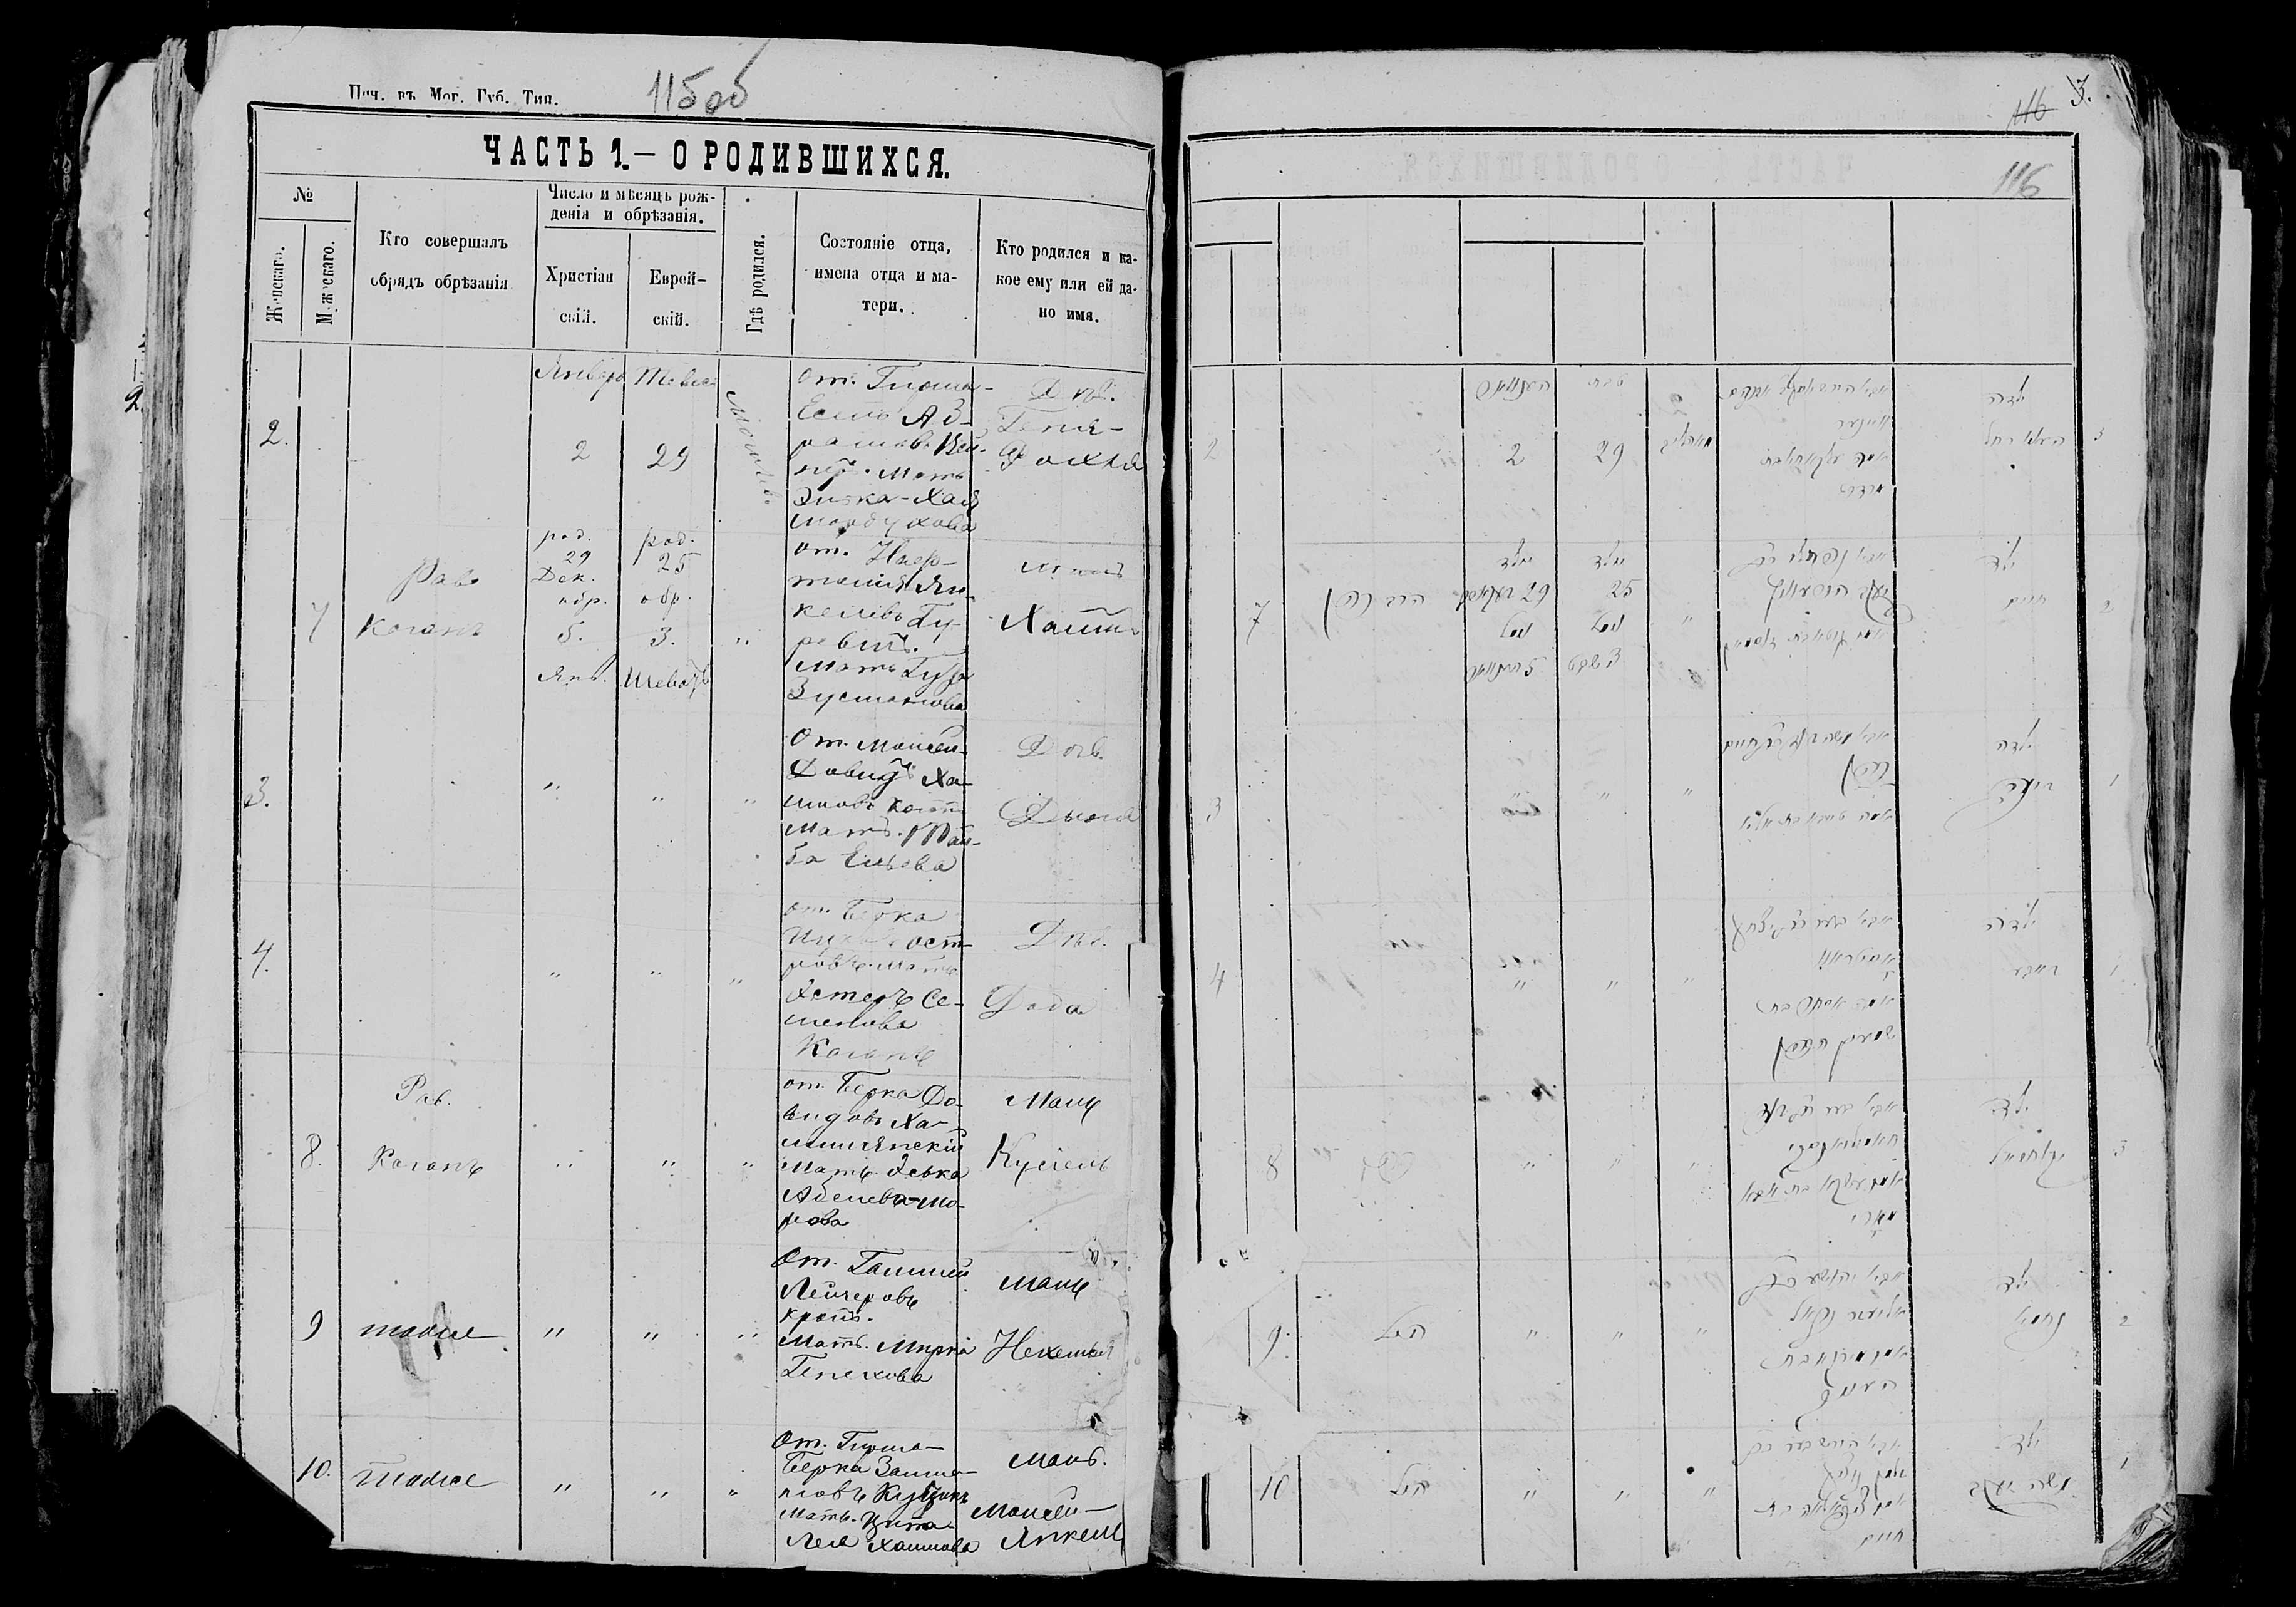 Доба Берковна Острова 5 января 1877, запись 4, пленка 007766481, снимок 663